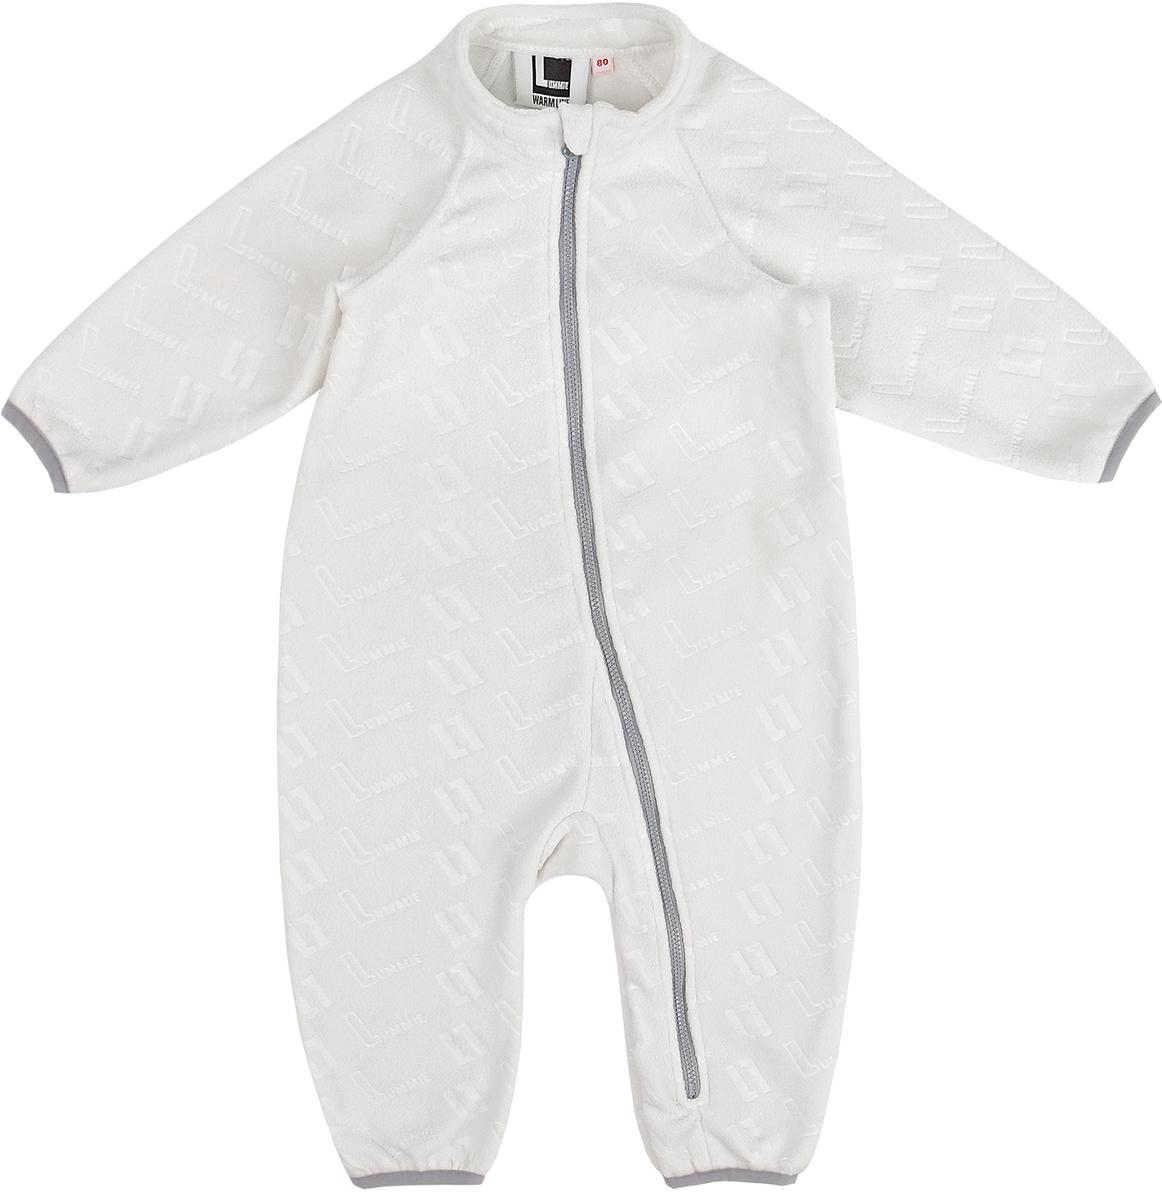 Комбинезон флисовый детский Lummie, цвет: белый. WL-19 L_white. Размер 86, 18 месяцев